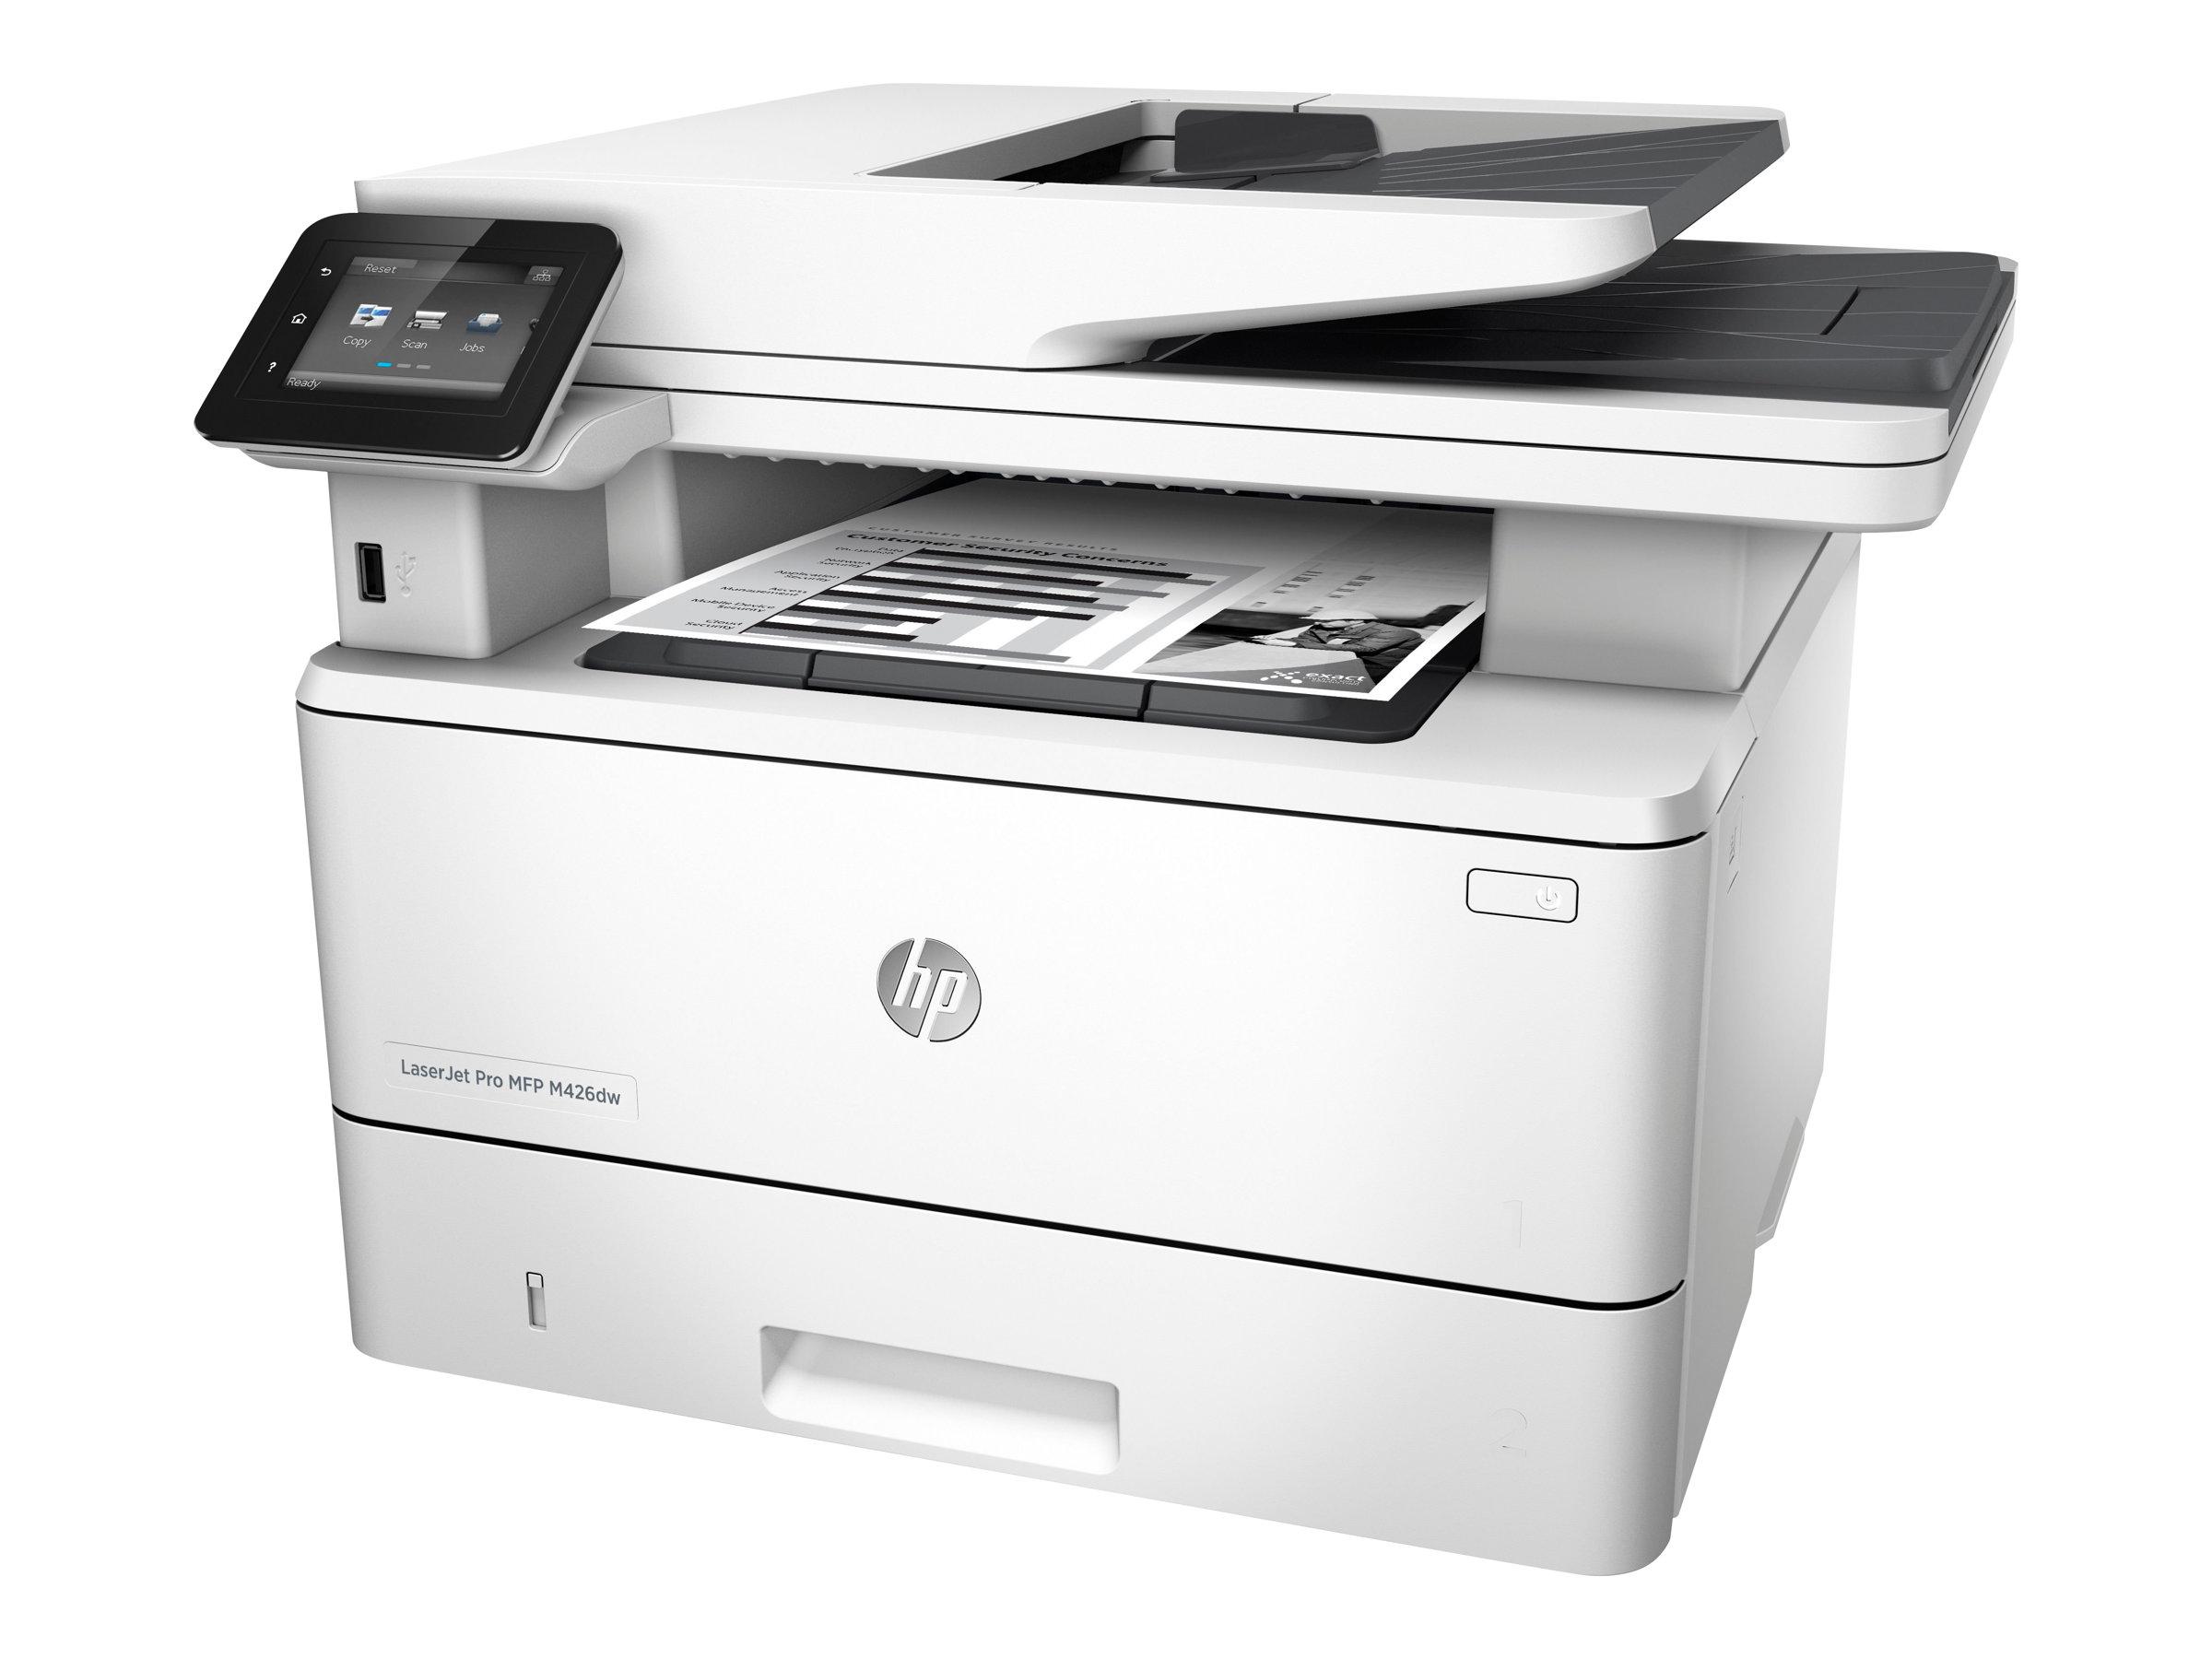 HP LaserJet Pro MFP M426dw - Multifunktionsdrucker